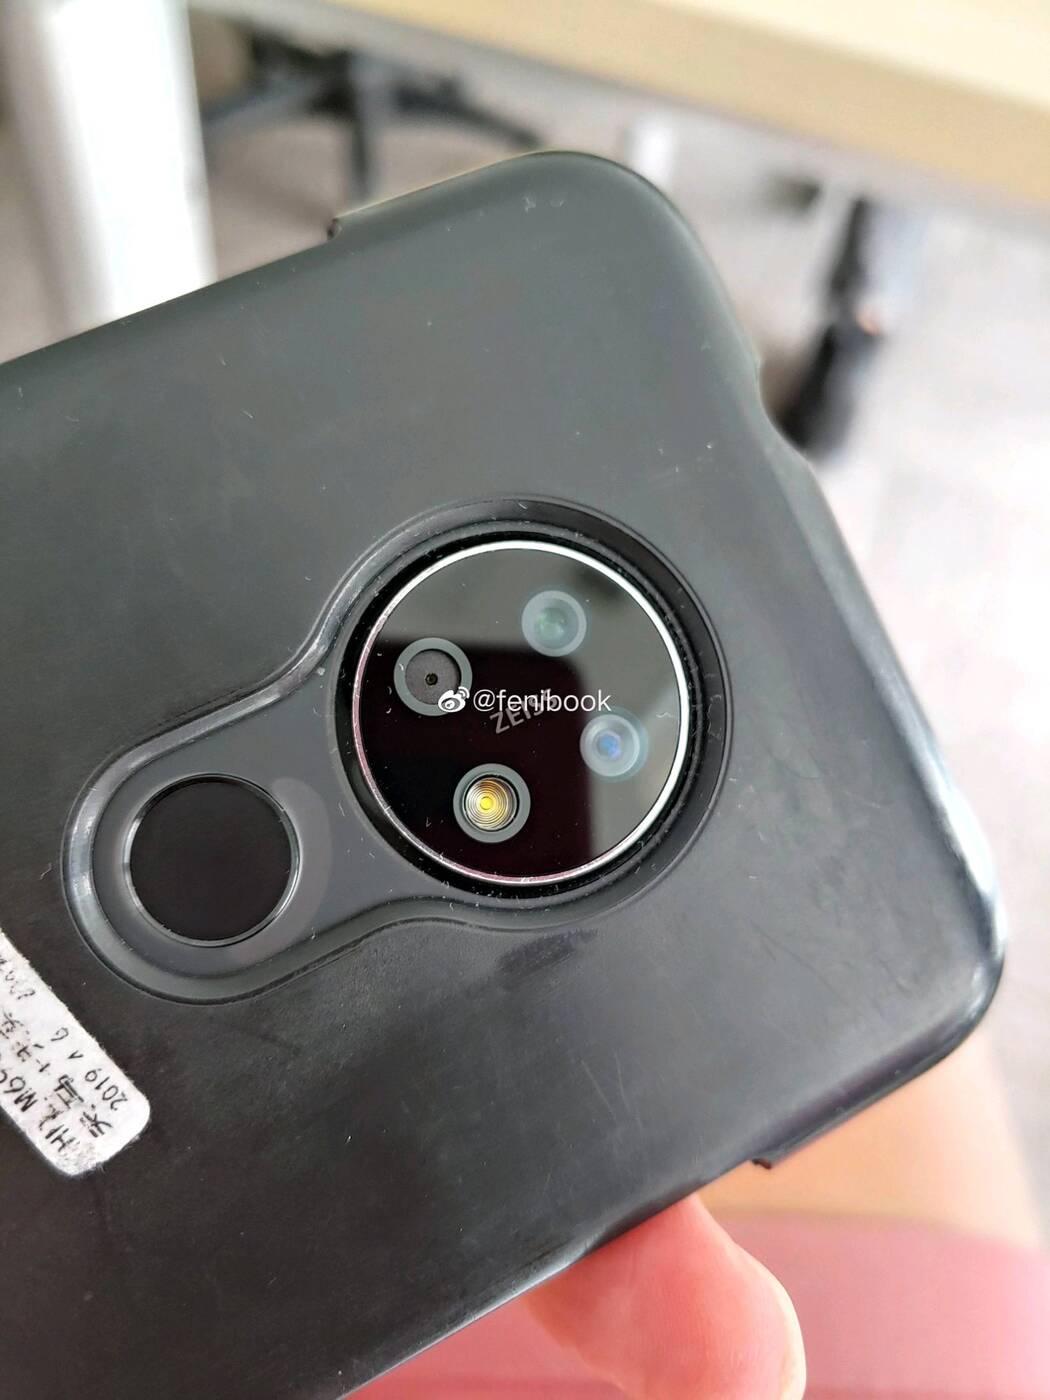 Nokia Daredevil, wygląd Nokia Daredevil, specyfikacja Nokia Daredevil, smartfona Nokia, parametry Nokia Daredevil, design Nokia Daredevil, fotki Nokia Daredevil, wyciek Nokia Daredevil, przeciek Nokia Daredevil, aparaty Nokia Daredevil, bateria Nokia Daredevil,